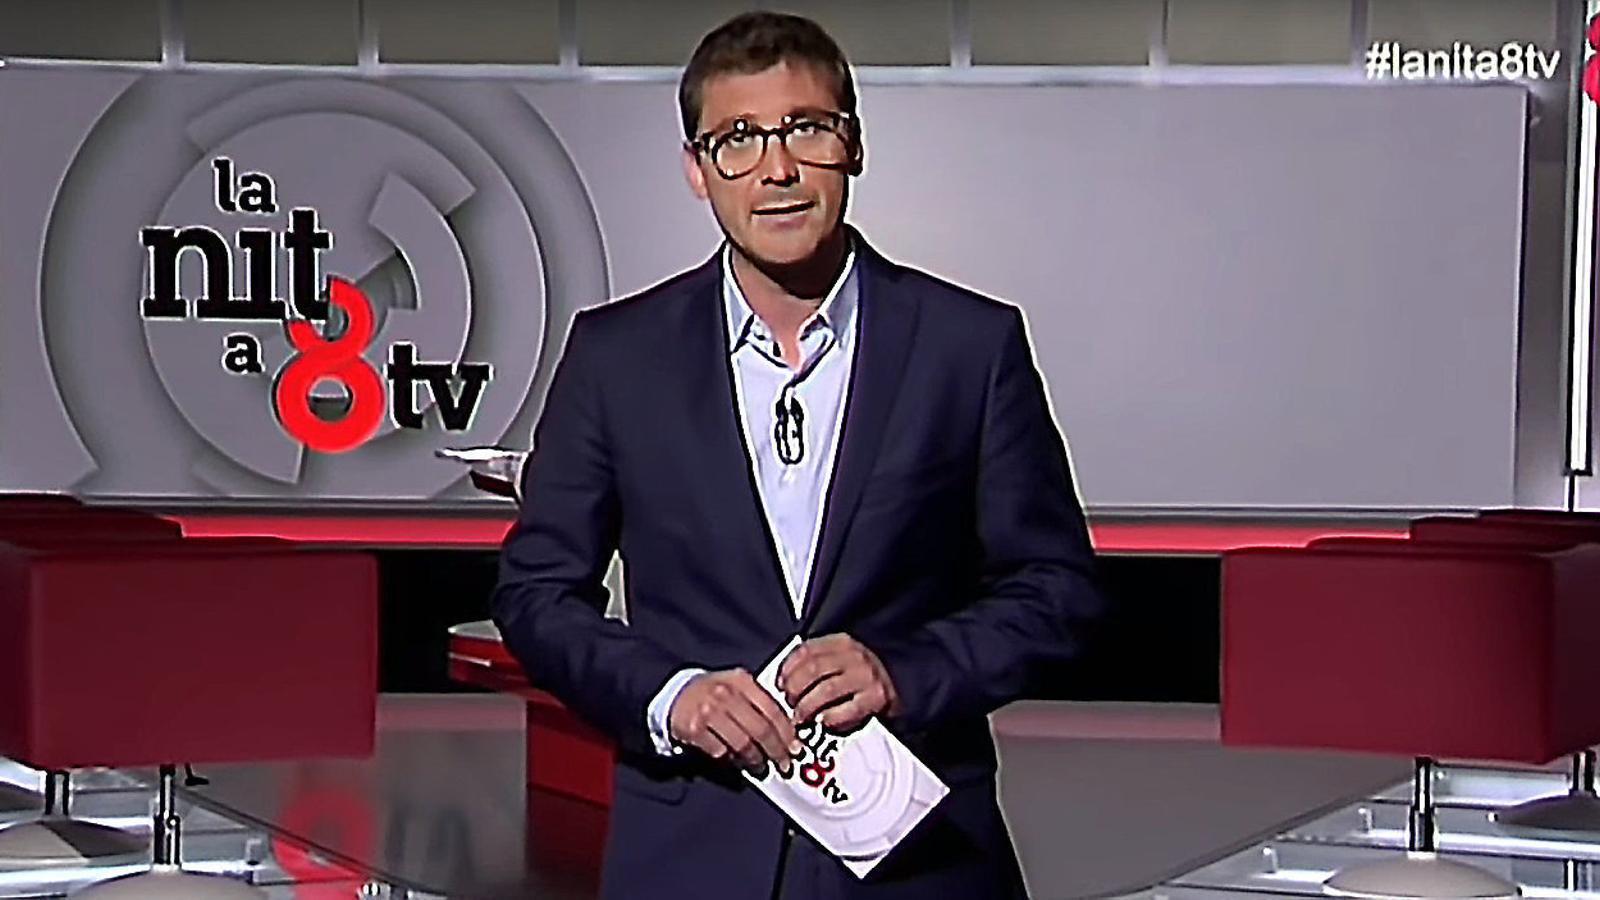 8TV enceta una nova etapa de mínims, ara sense informatius